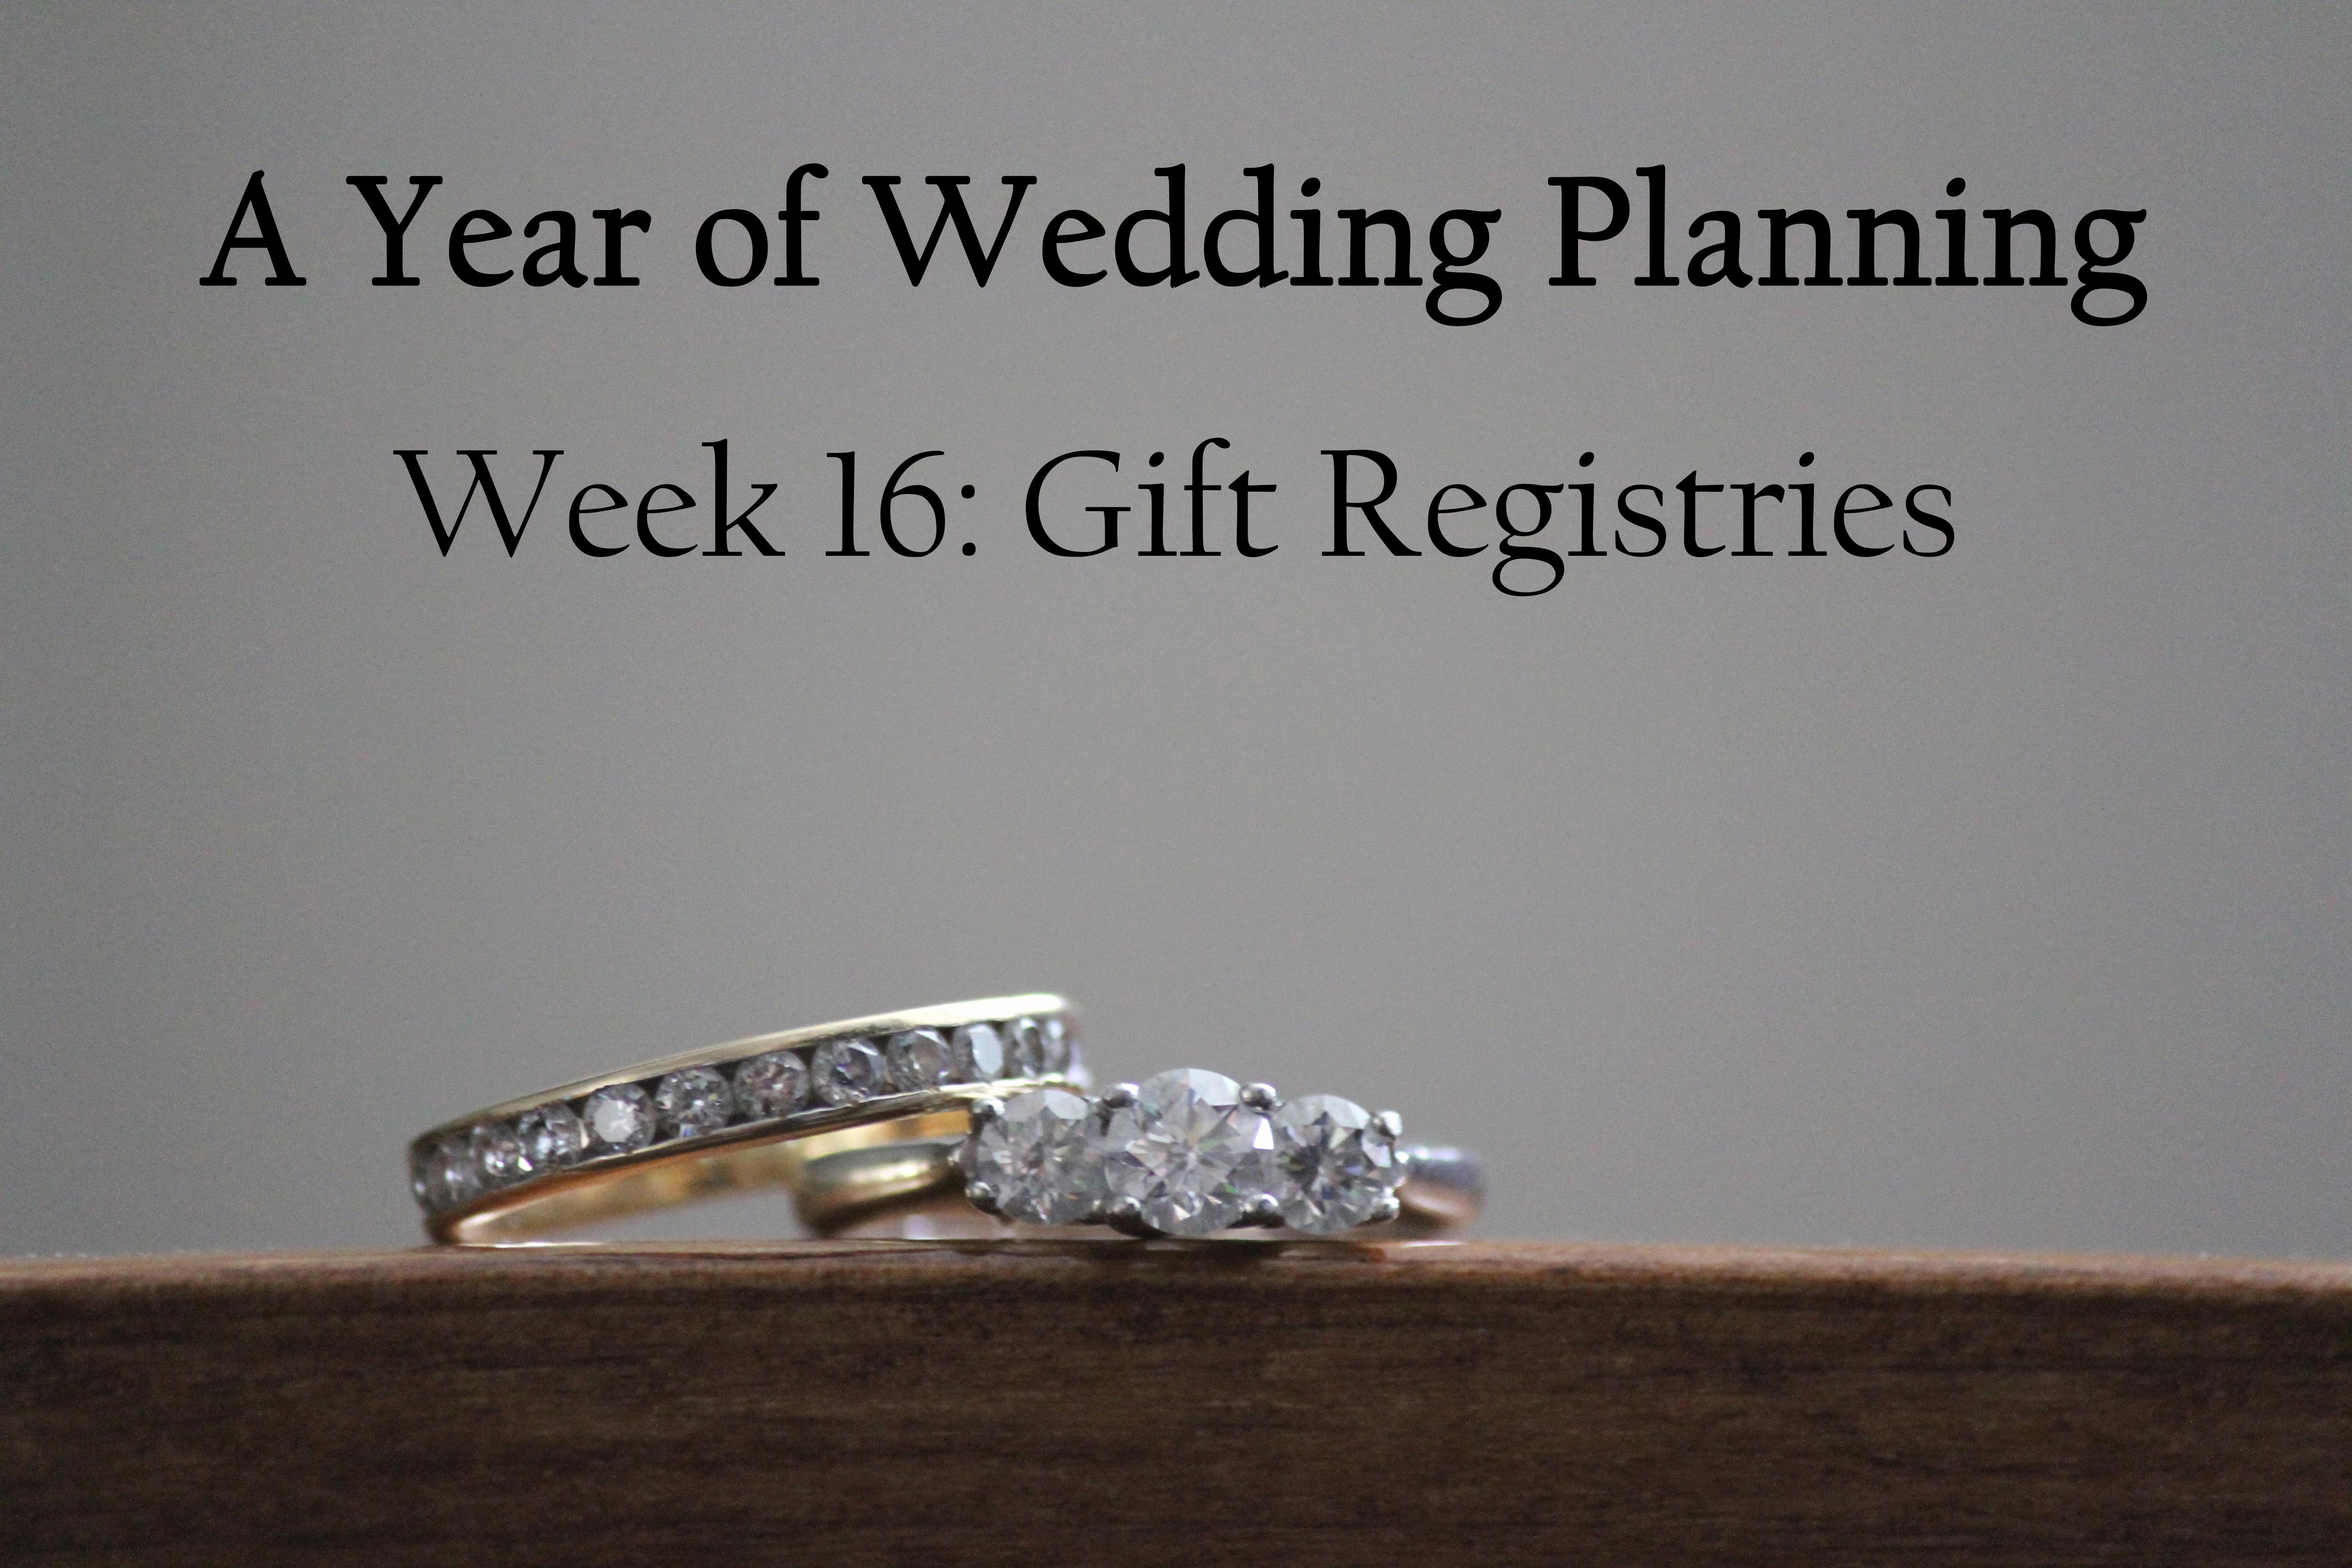 Wedding Planning Gift Registries Week 16